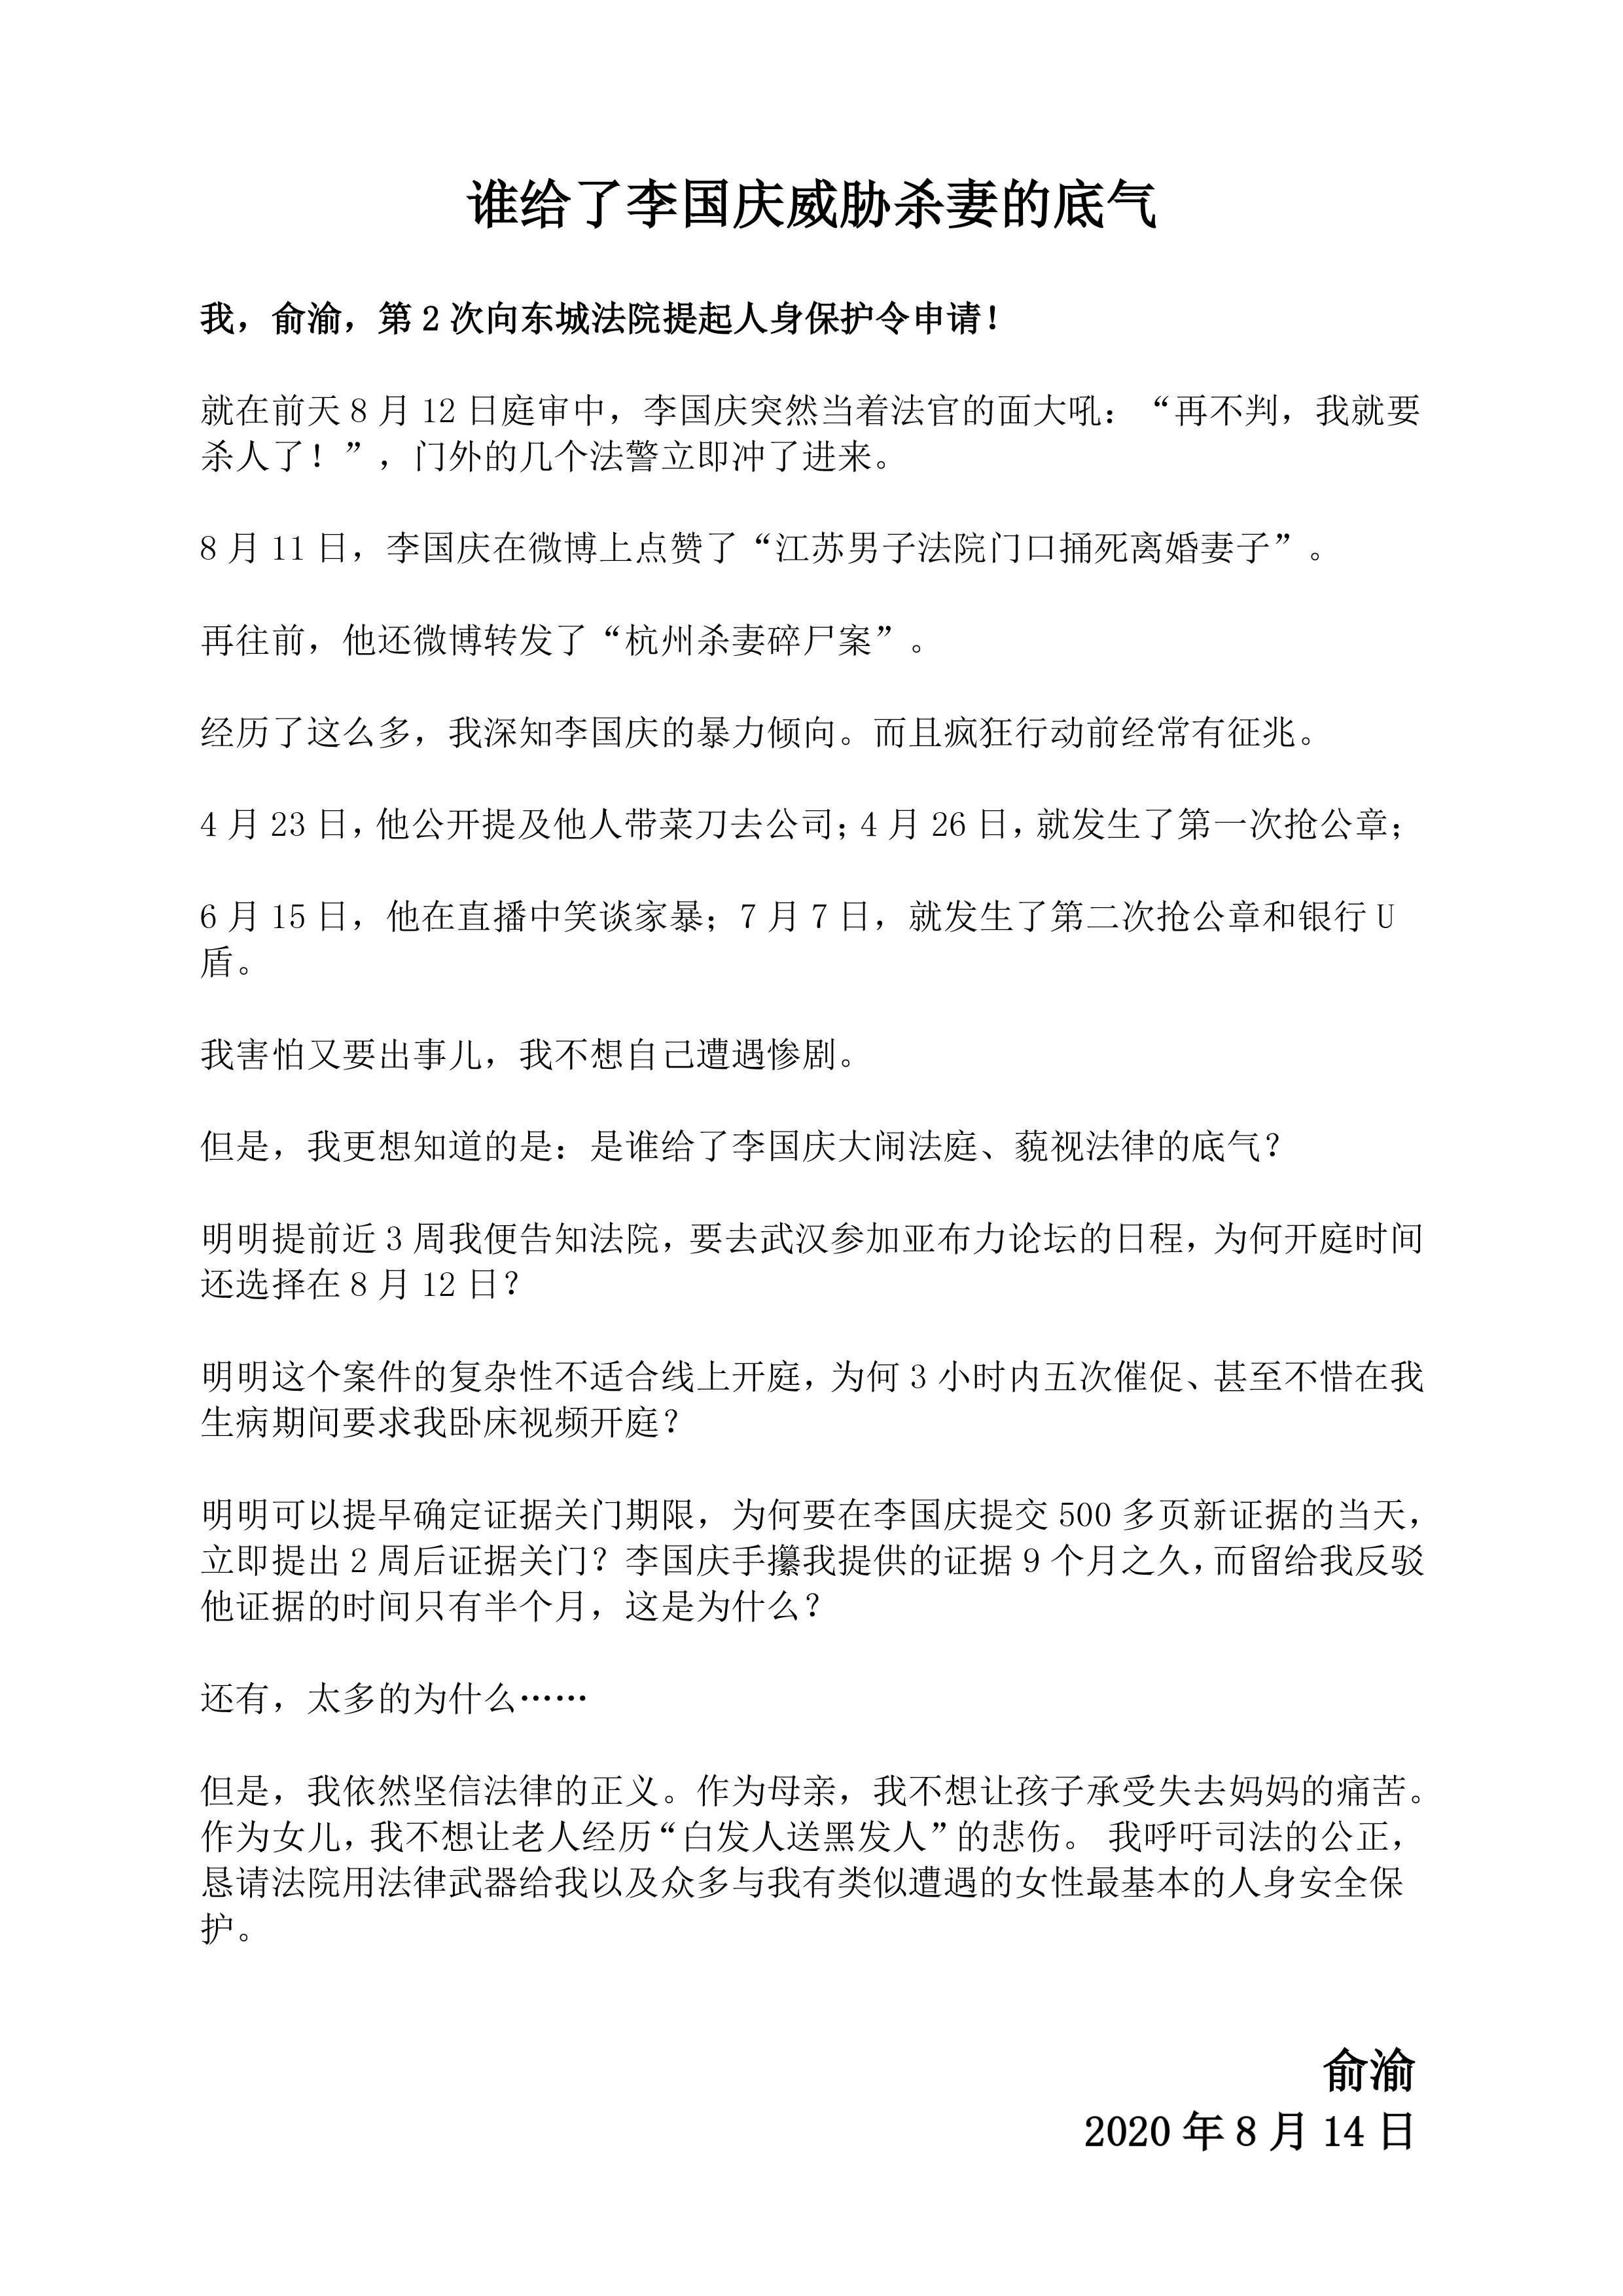 """俞渝发表公开信质疑:""""谁给了李国庆威胁杀妻的底气"""""""